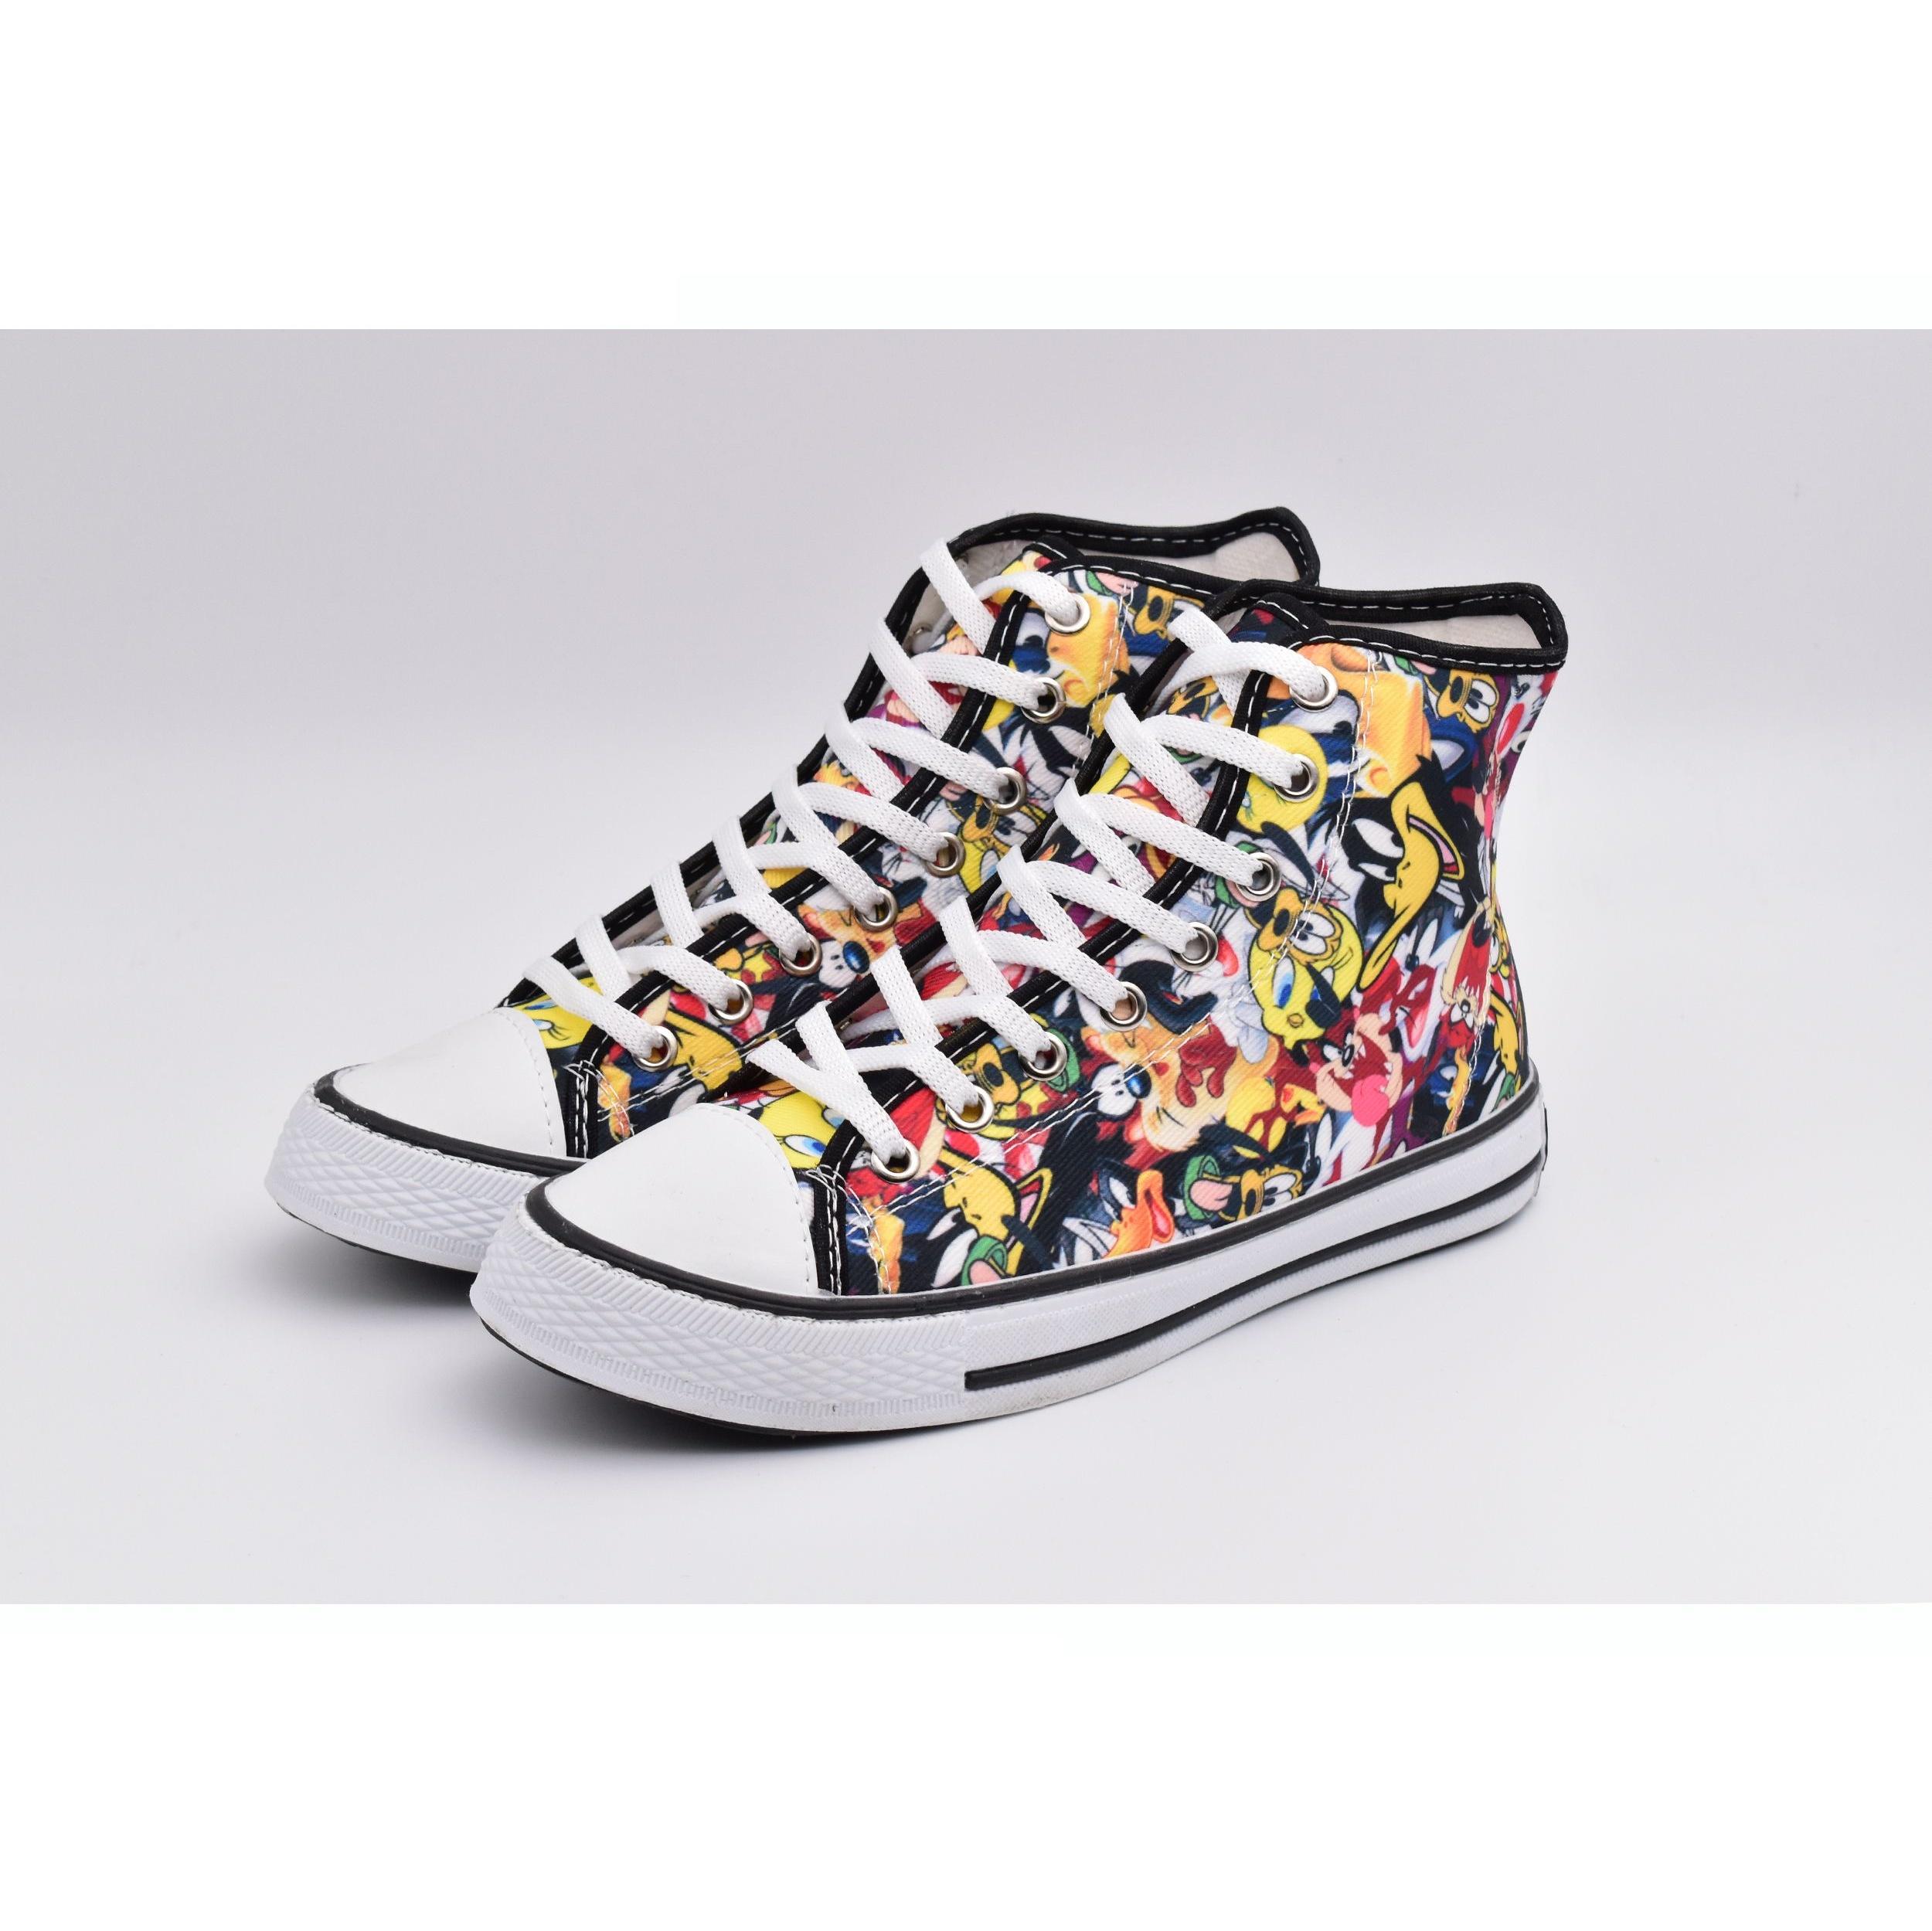 کفش مخصوص پیاده روی زنانه کد 4818